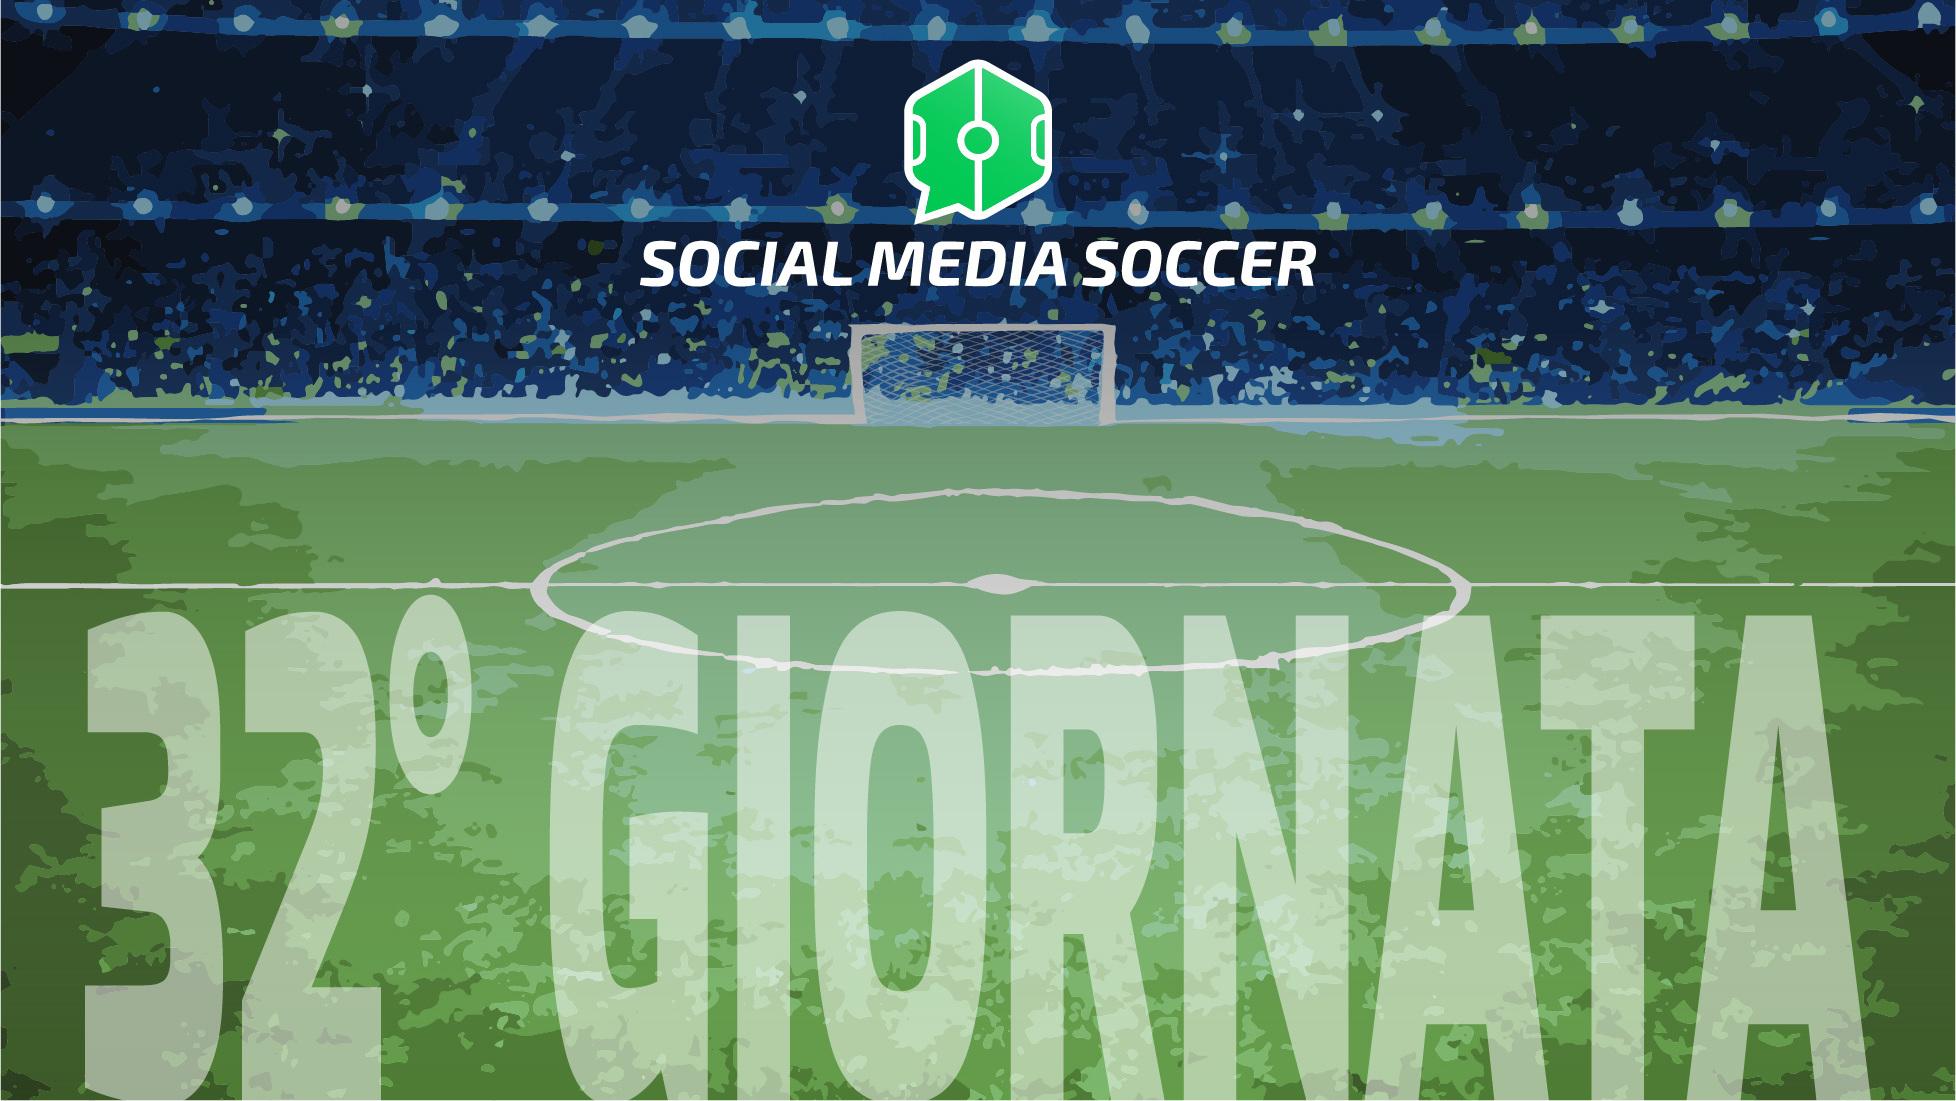 Social Media Soccer 32esima giornata